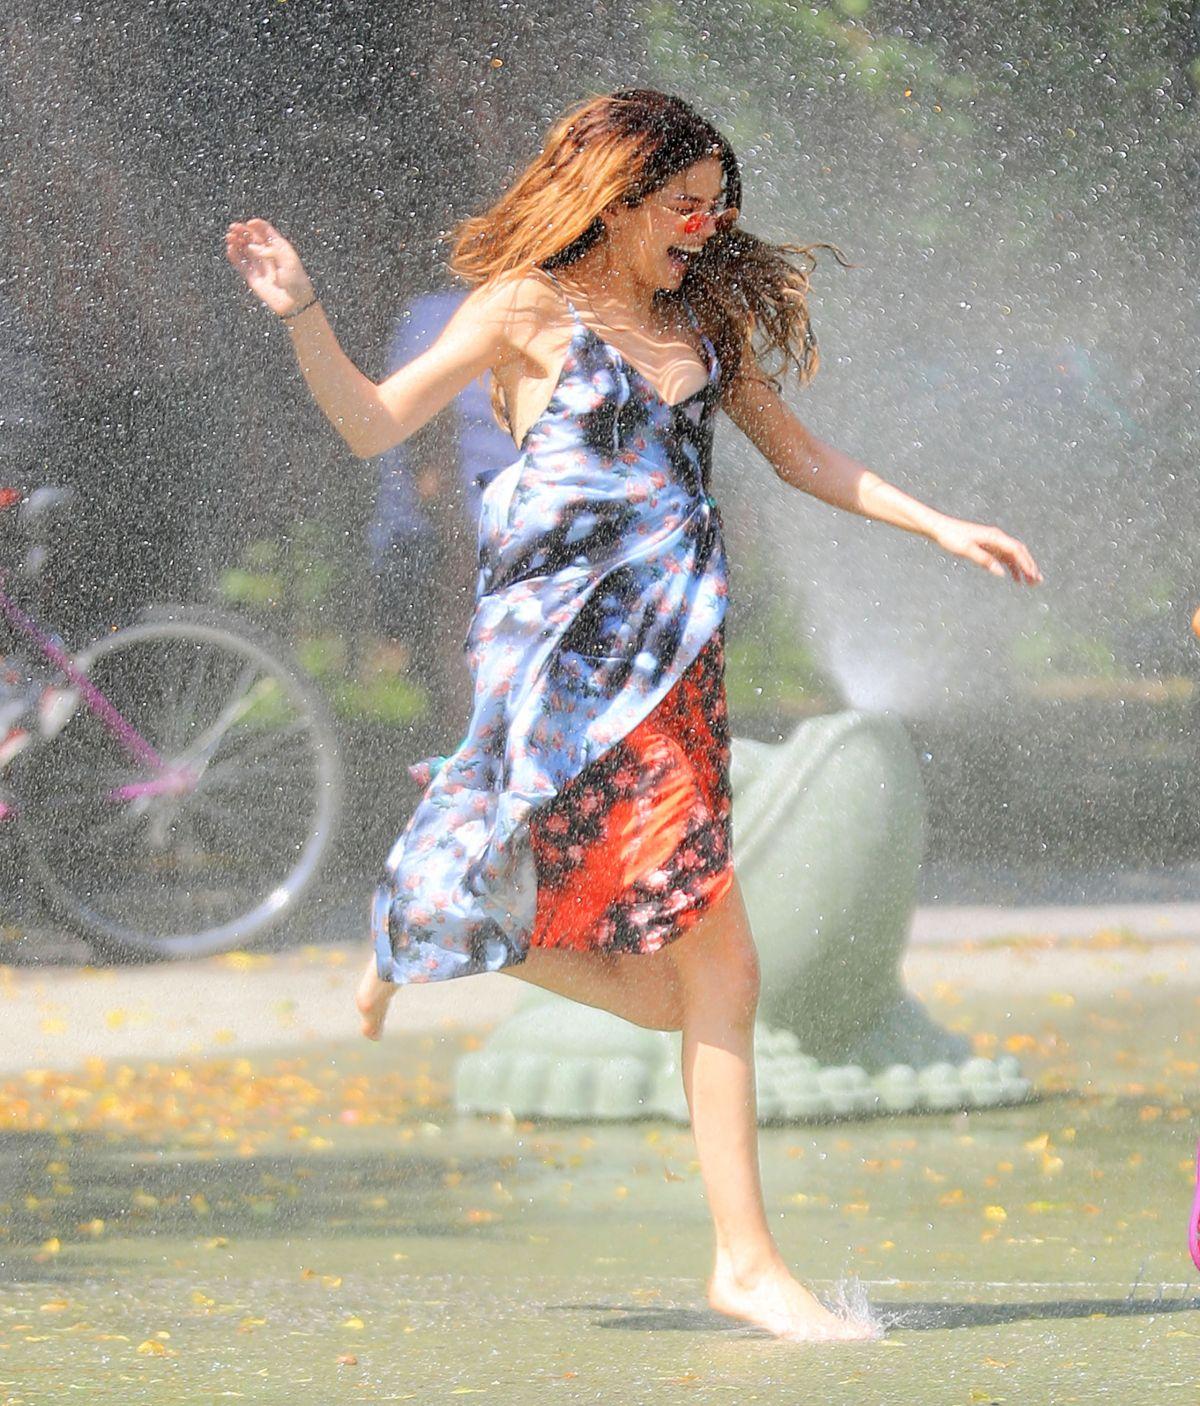 SELENA GOMEZ Running Thru Sprinklers at Water Playground in Brooklyn 06/01/2016